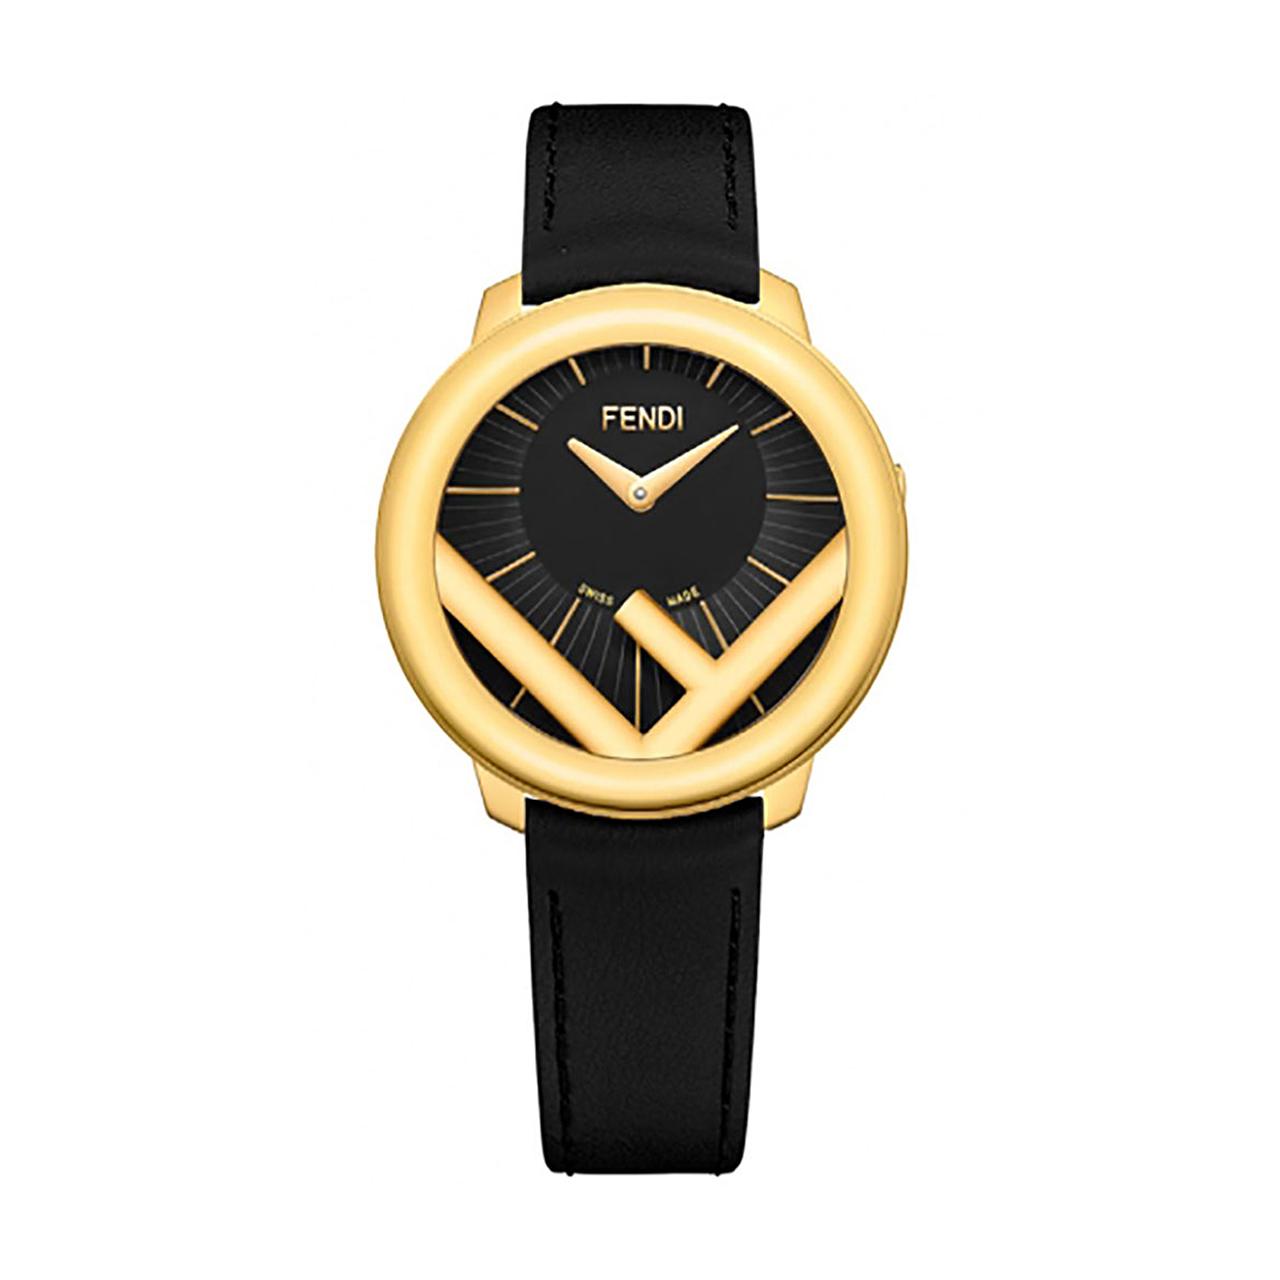 ساعت مچی عقربه ای زنانه فندی مدل F710431011